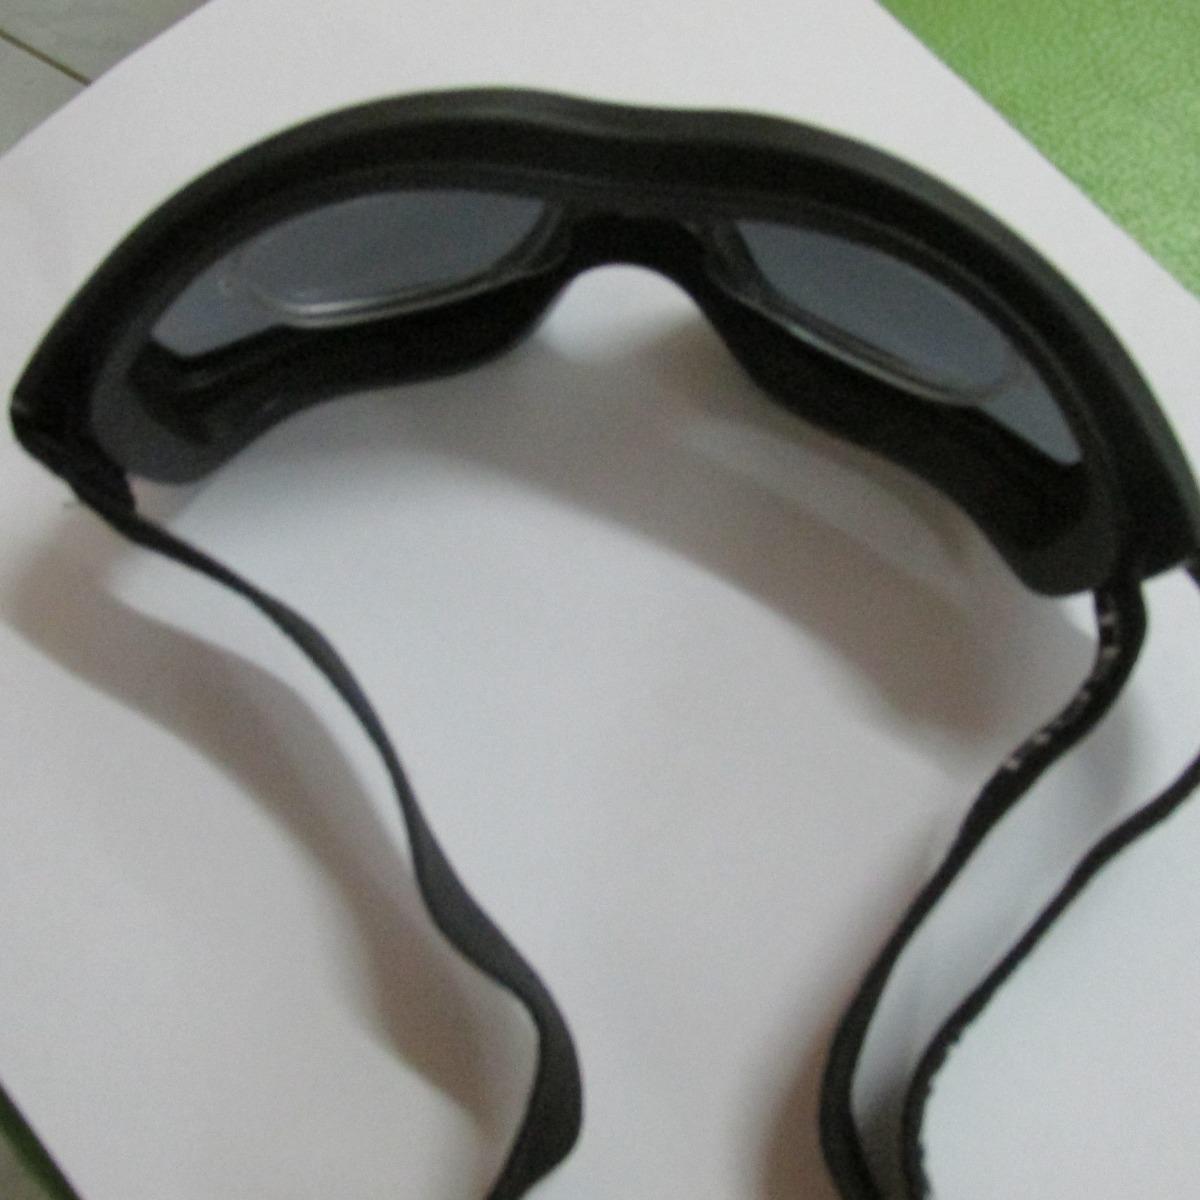 eb82d1b0769bb óculos d-tech escuro para futebol + adaptador lentes de grau. Carregando  zoom.